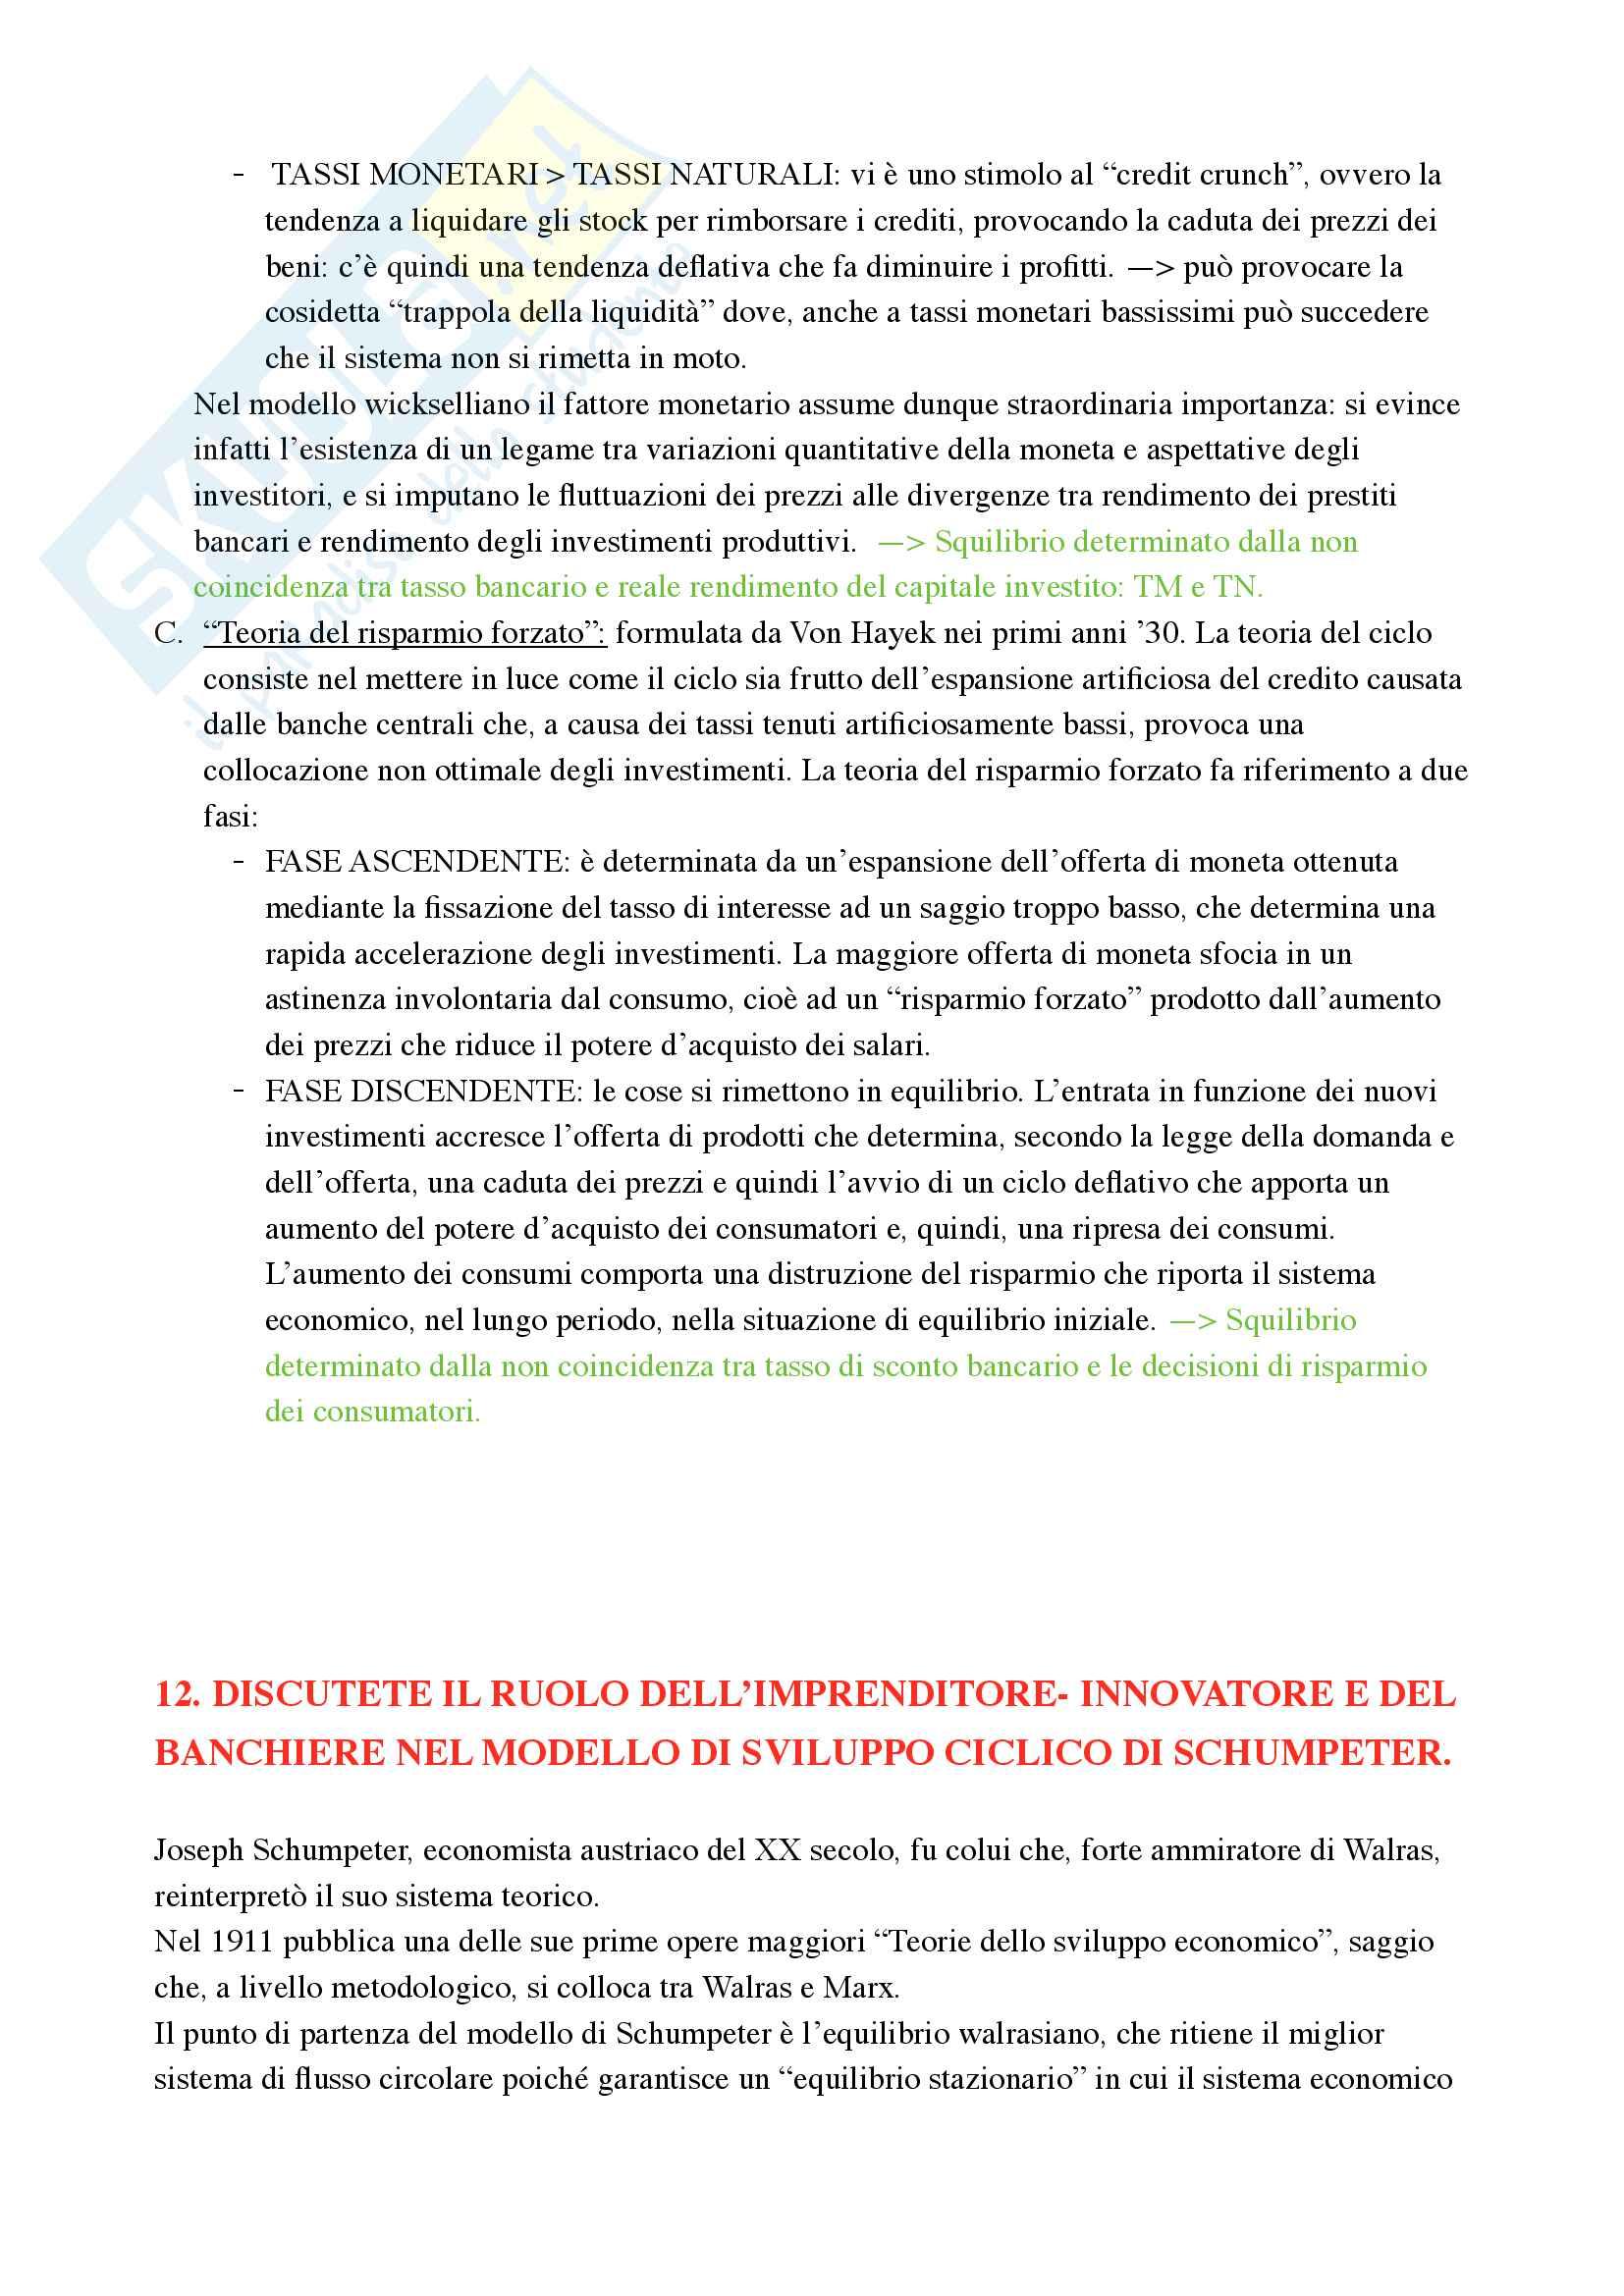 Storia del pensiero economico - Domande e risposte d'esame II parziale - Prof. Fornasari Massimo - Voto 30 Pag. 16